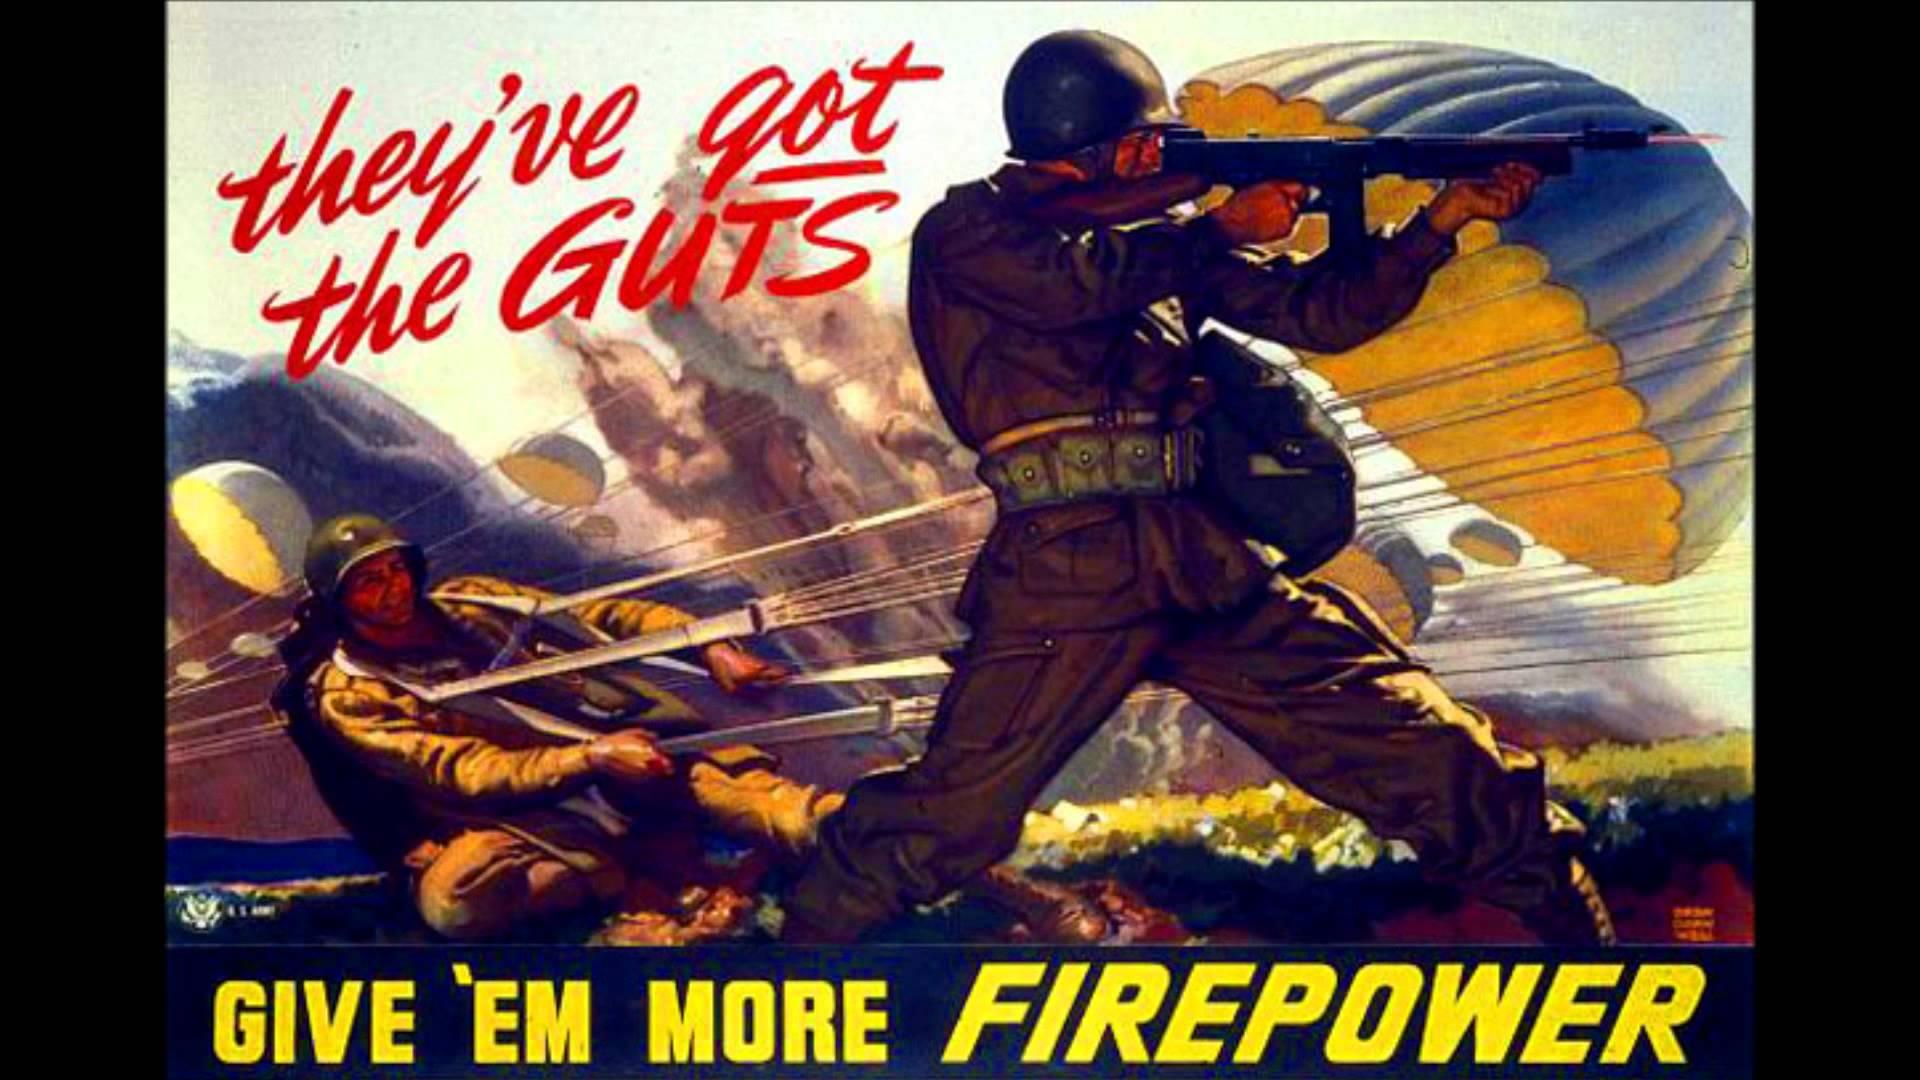 propaganda during world war two essay